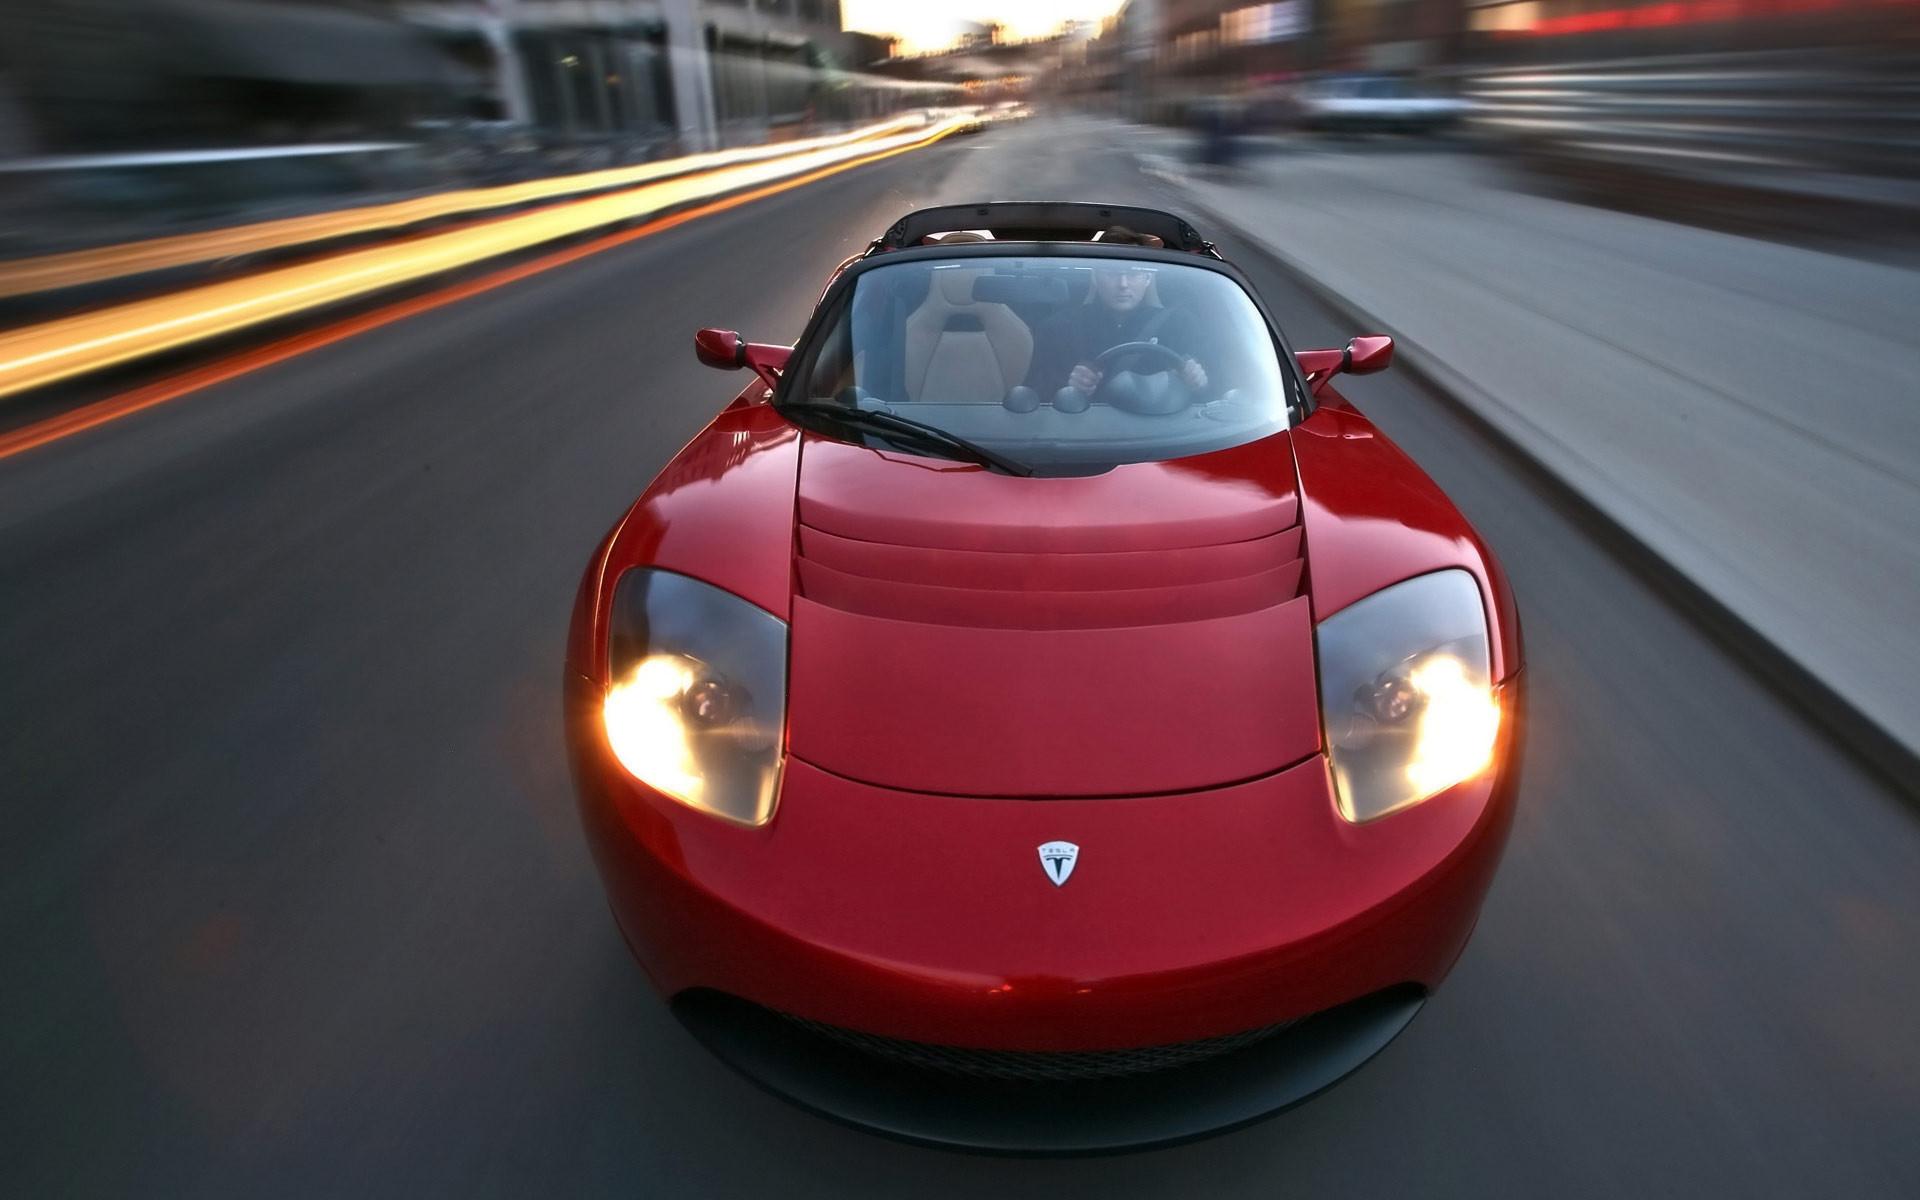 Фотографии автомобилей Tesla Model S / Тесла Модель С ...